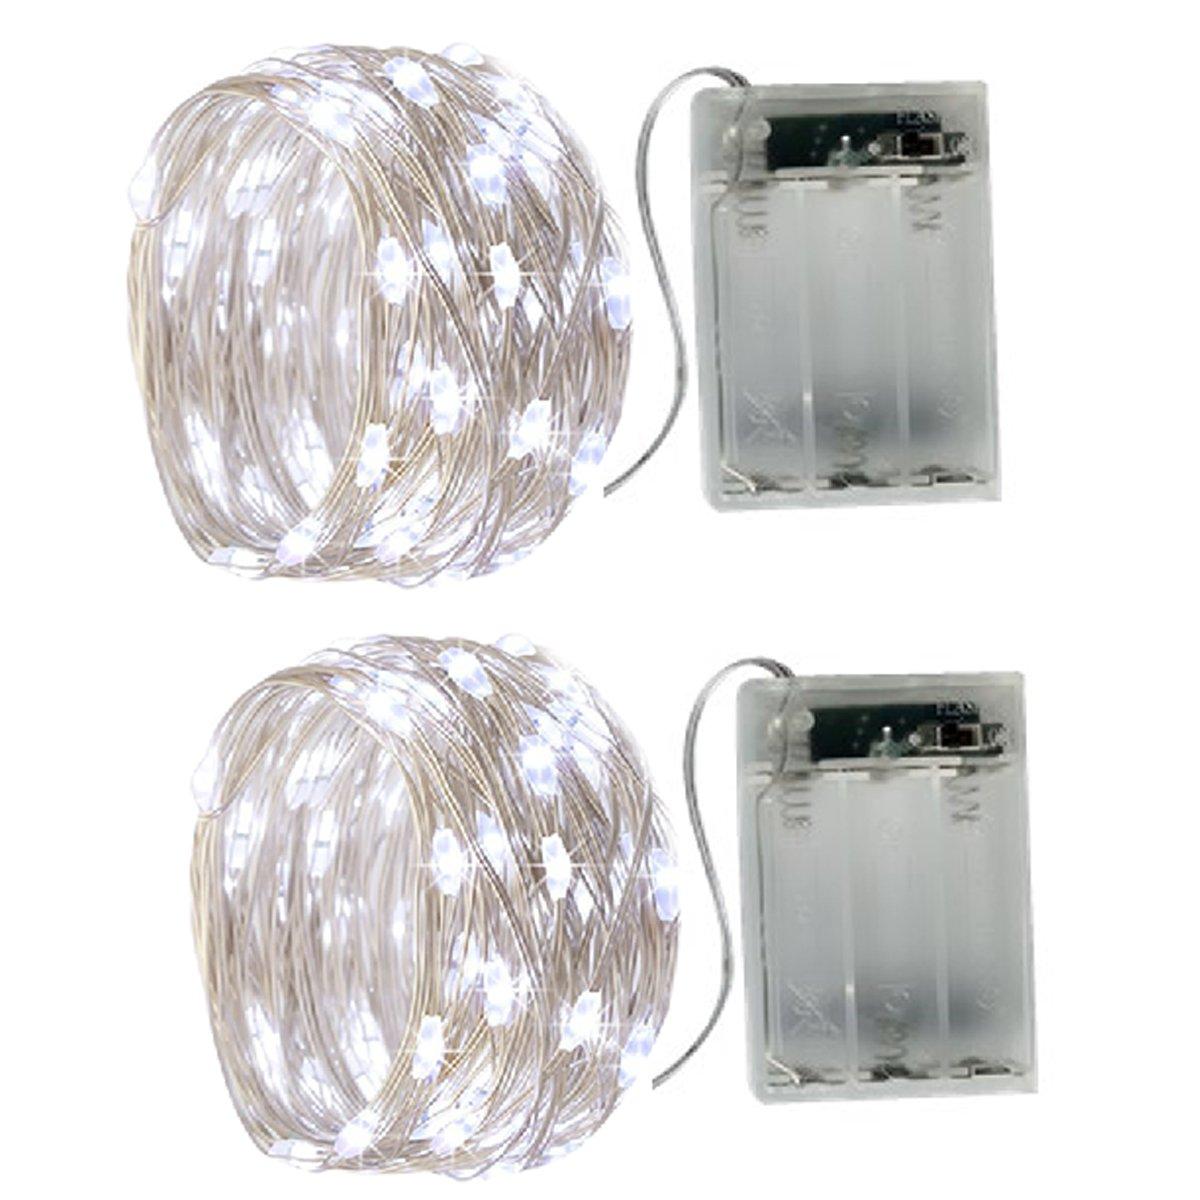 2 X Catena Luminosa Luci Stringa 20LEDs Ghirlanda 2m filo d'argento Batteria Operazione 2 Modalità Flash per Festa/ Matrimonio/ Giardino/ Natale, bianco caldo YD1